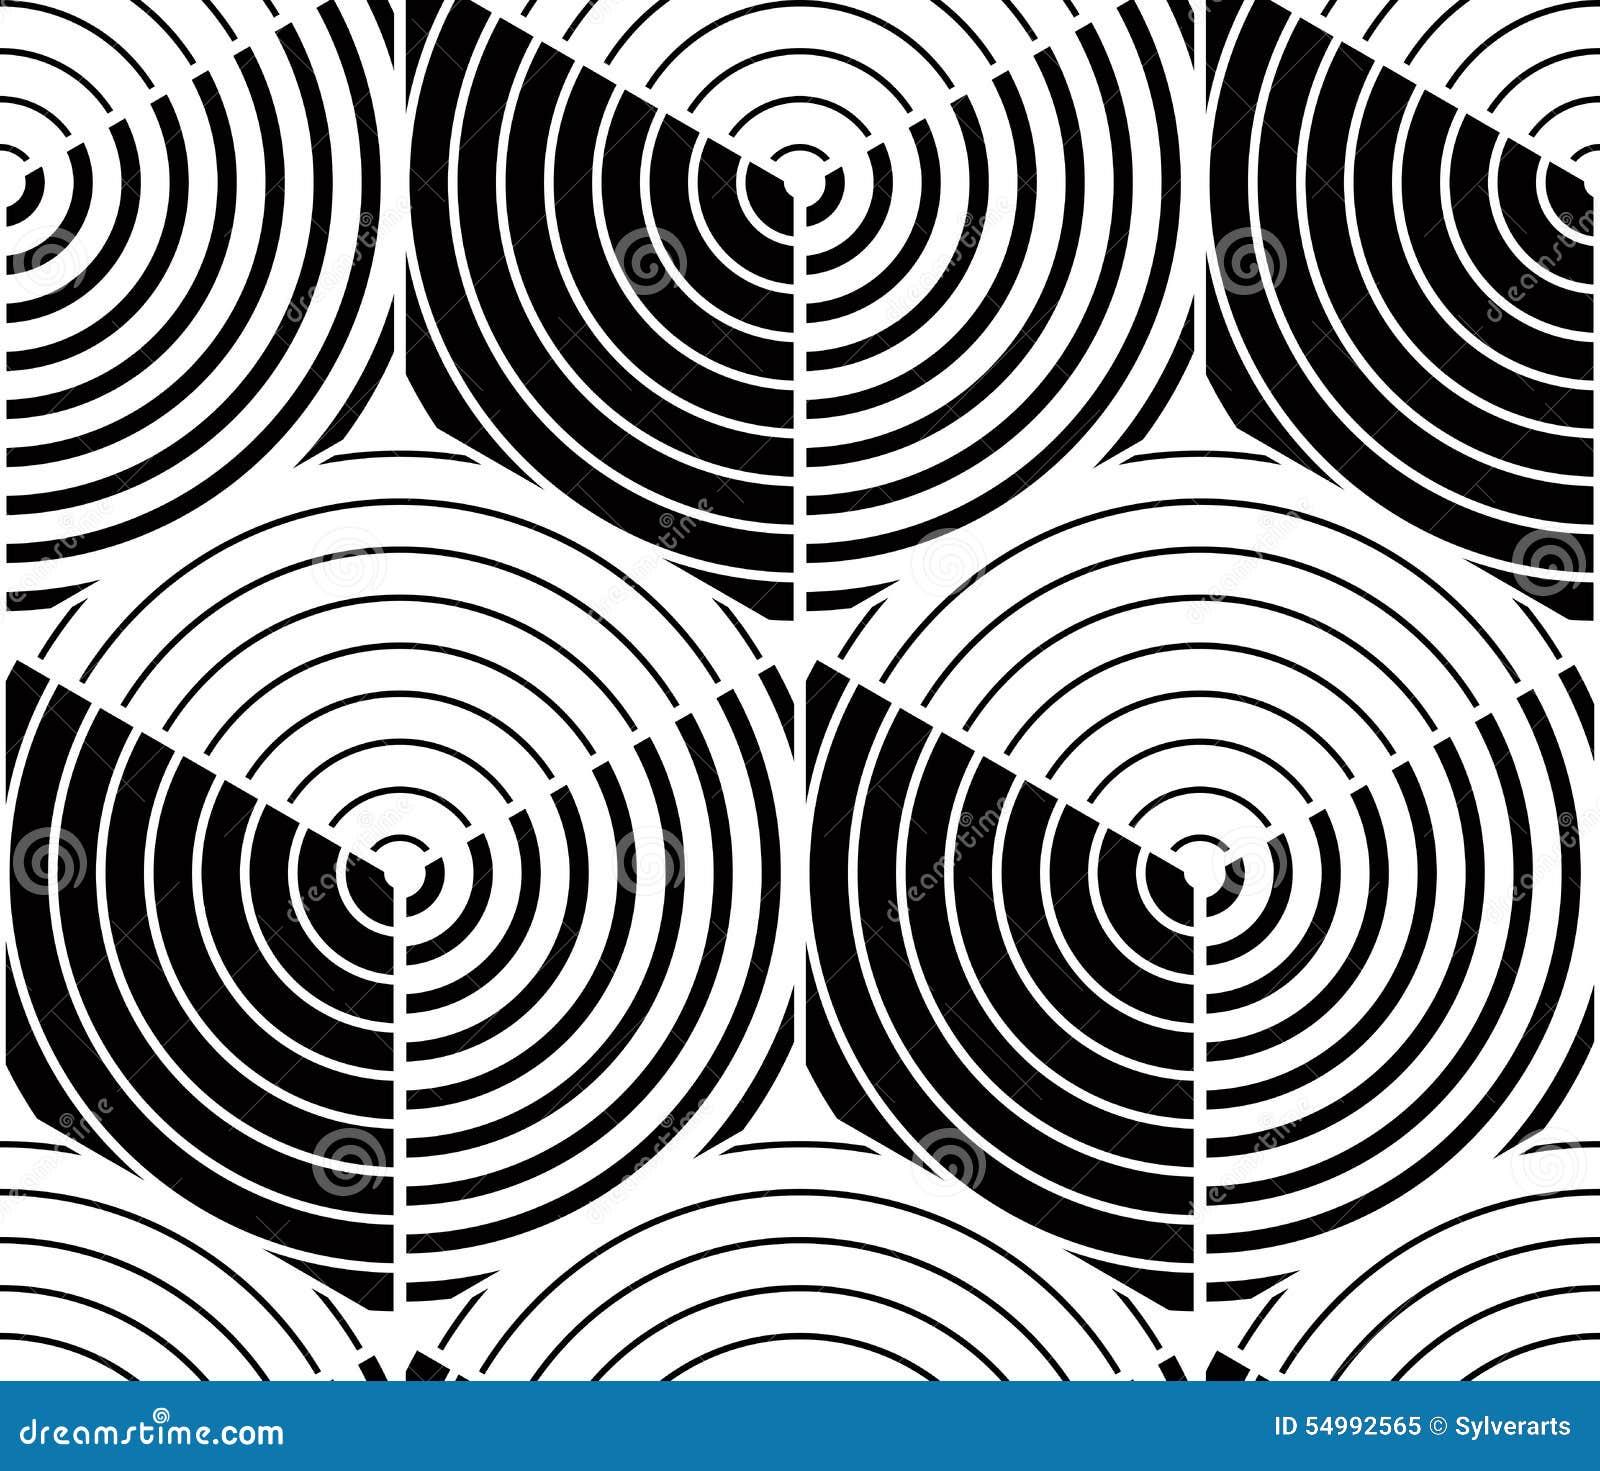 Endless monochrome symmetric pattern, graphic design. Geometric